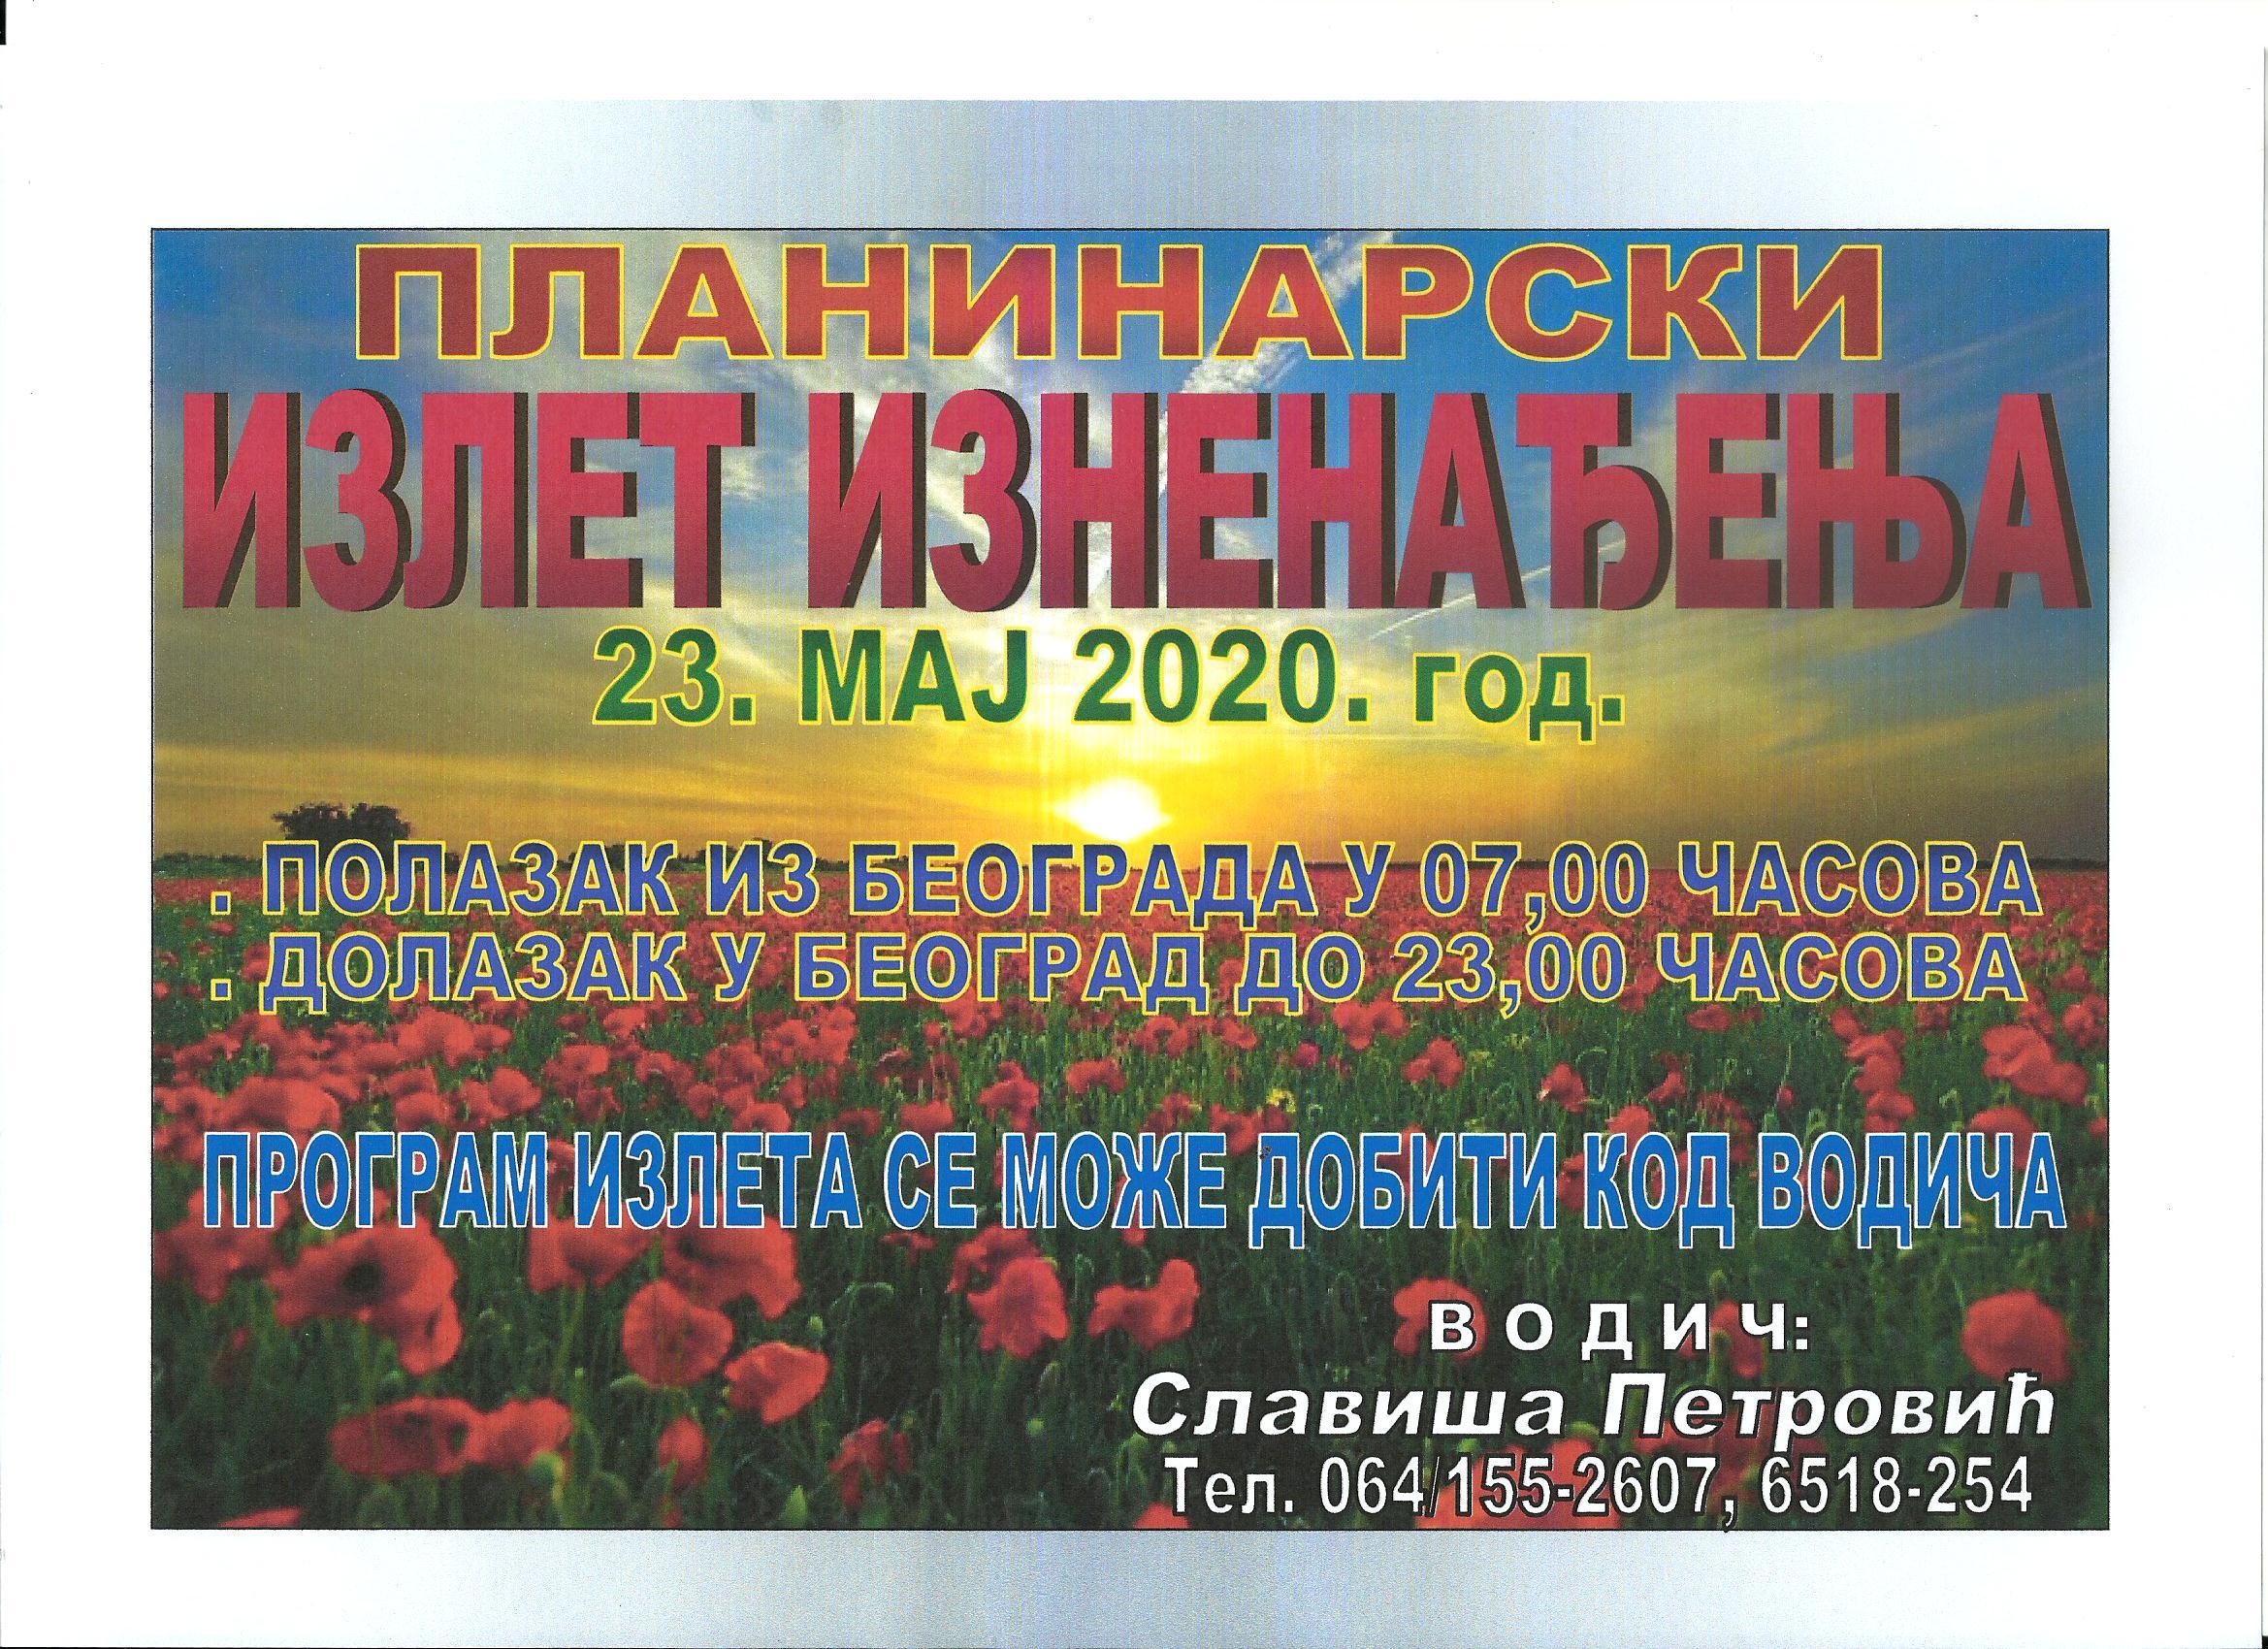 IZLET_IZNENAĐENJA_23.05.jpg - 727,62 kB